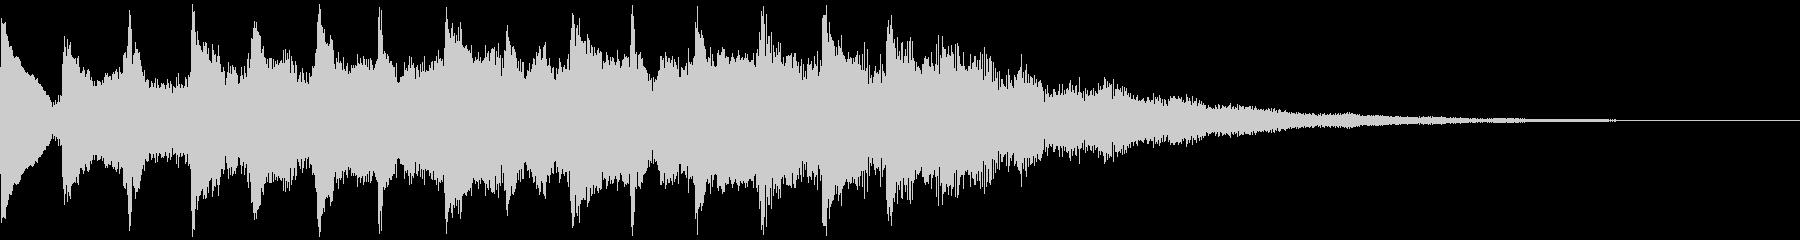 サウンドロゴ、5秒CM、場面転換verEの未再生の波形